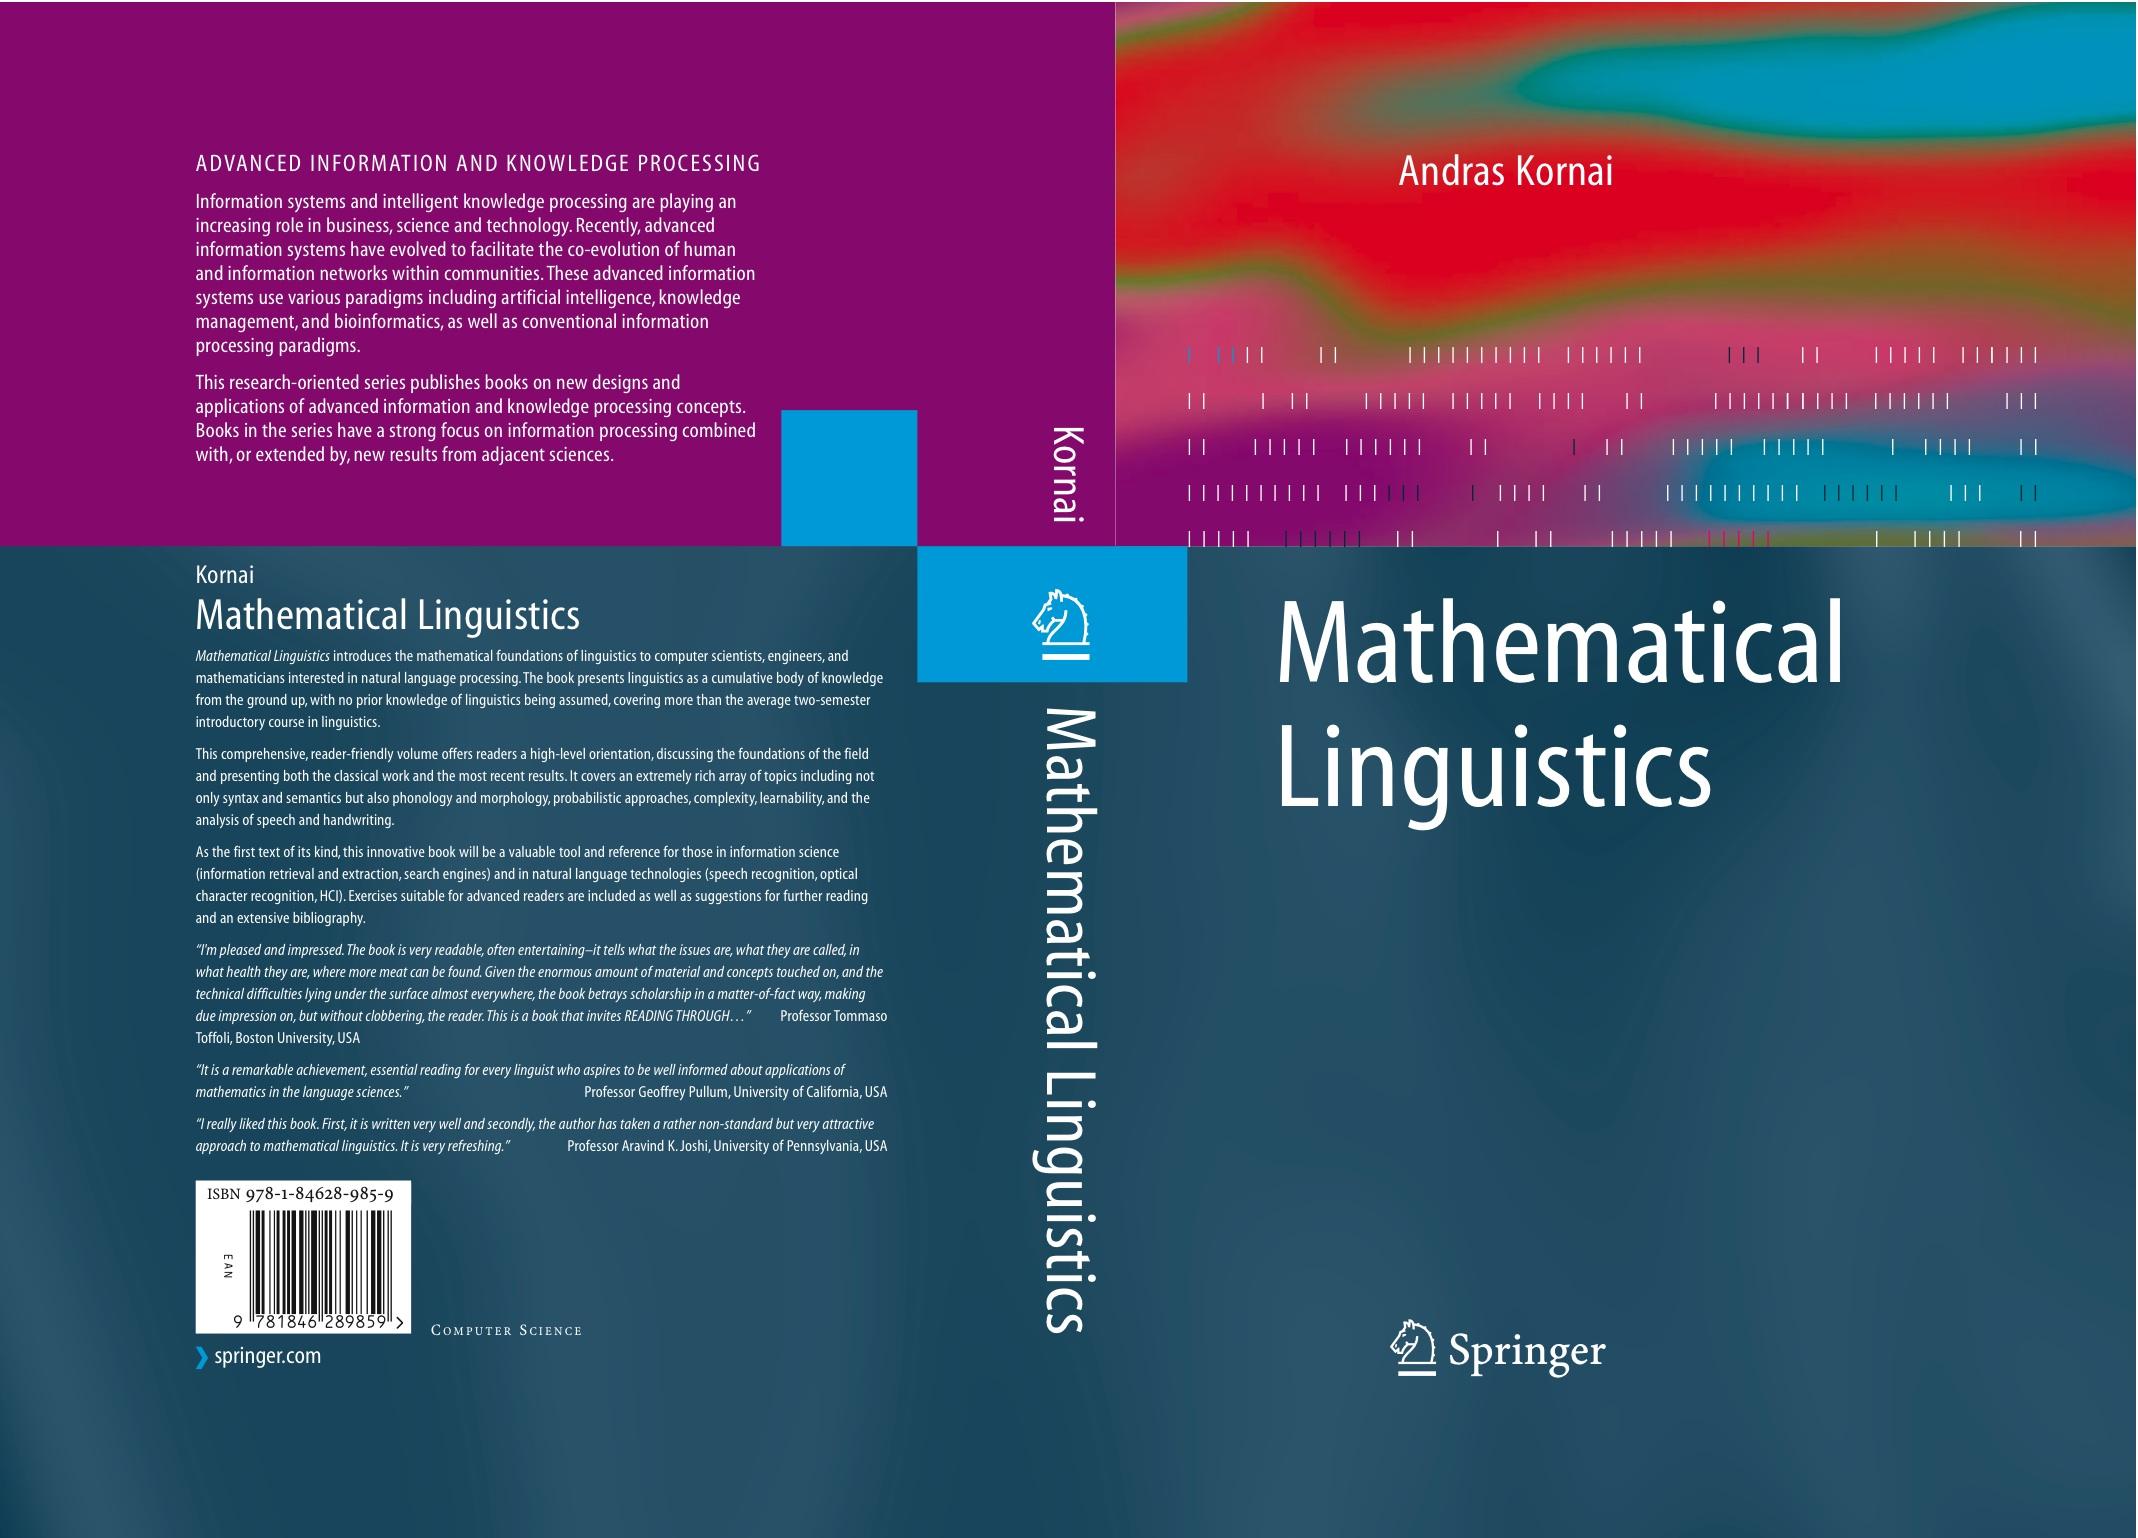 math linguistics double major